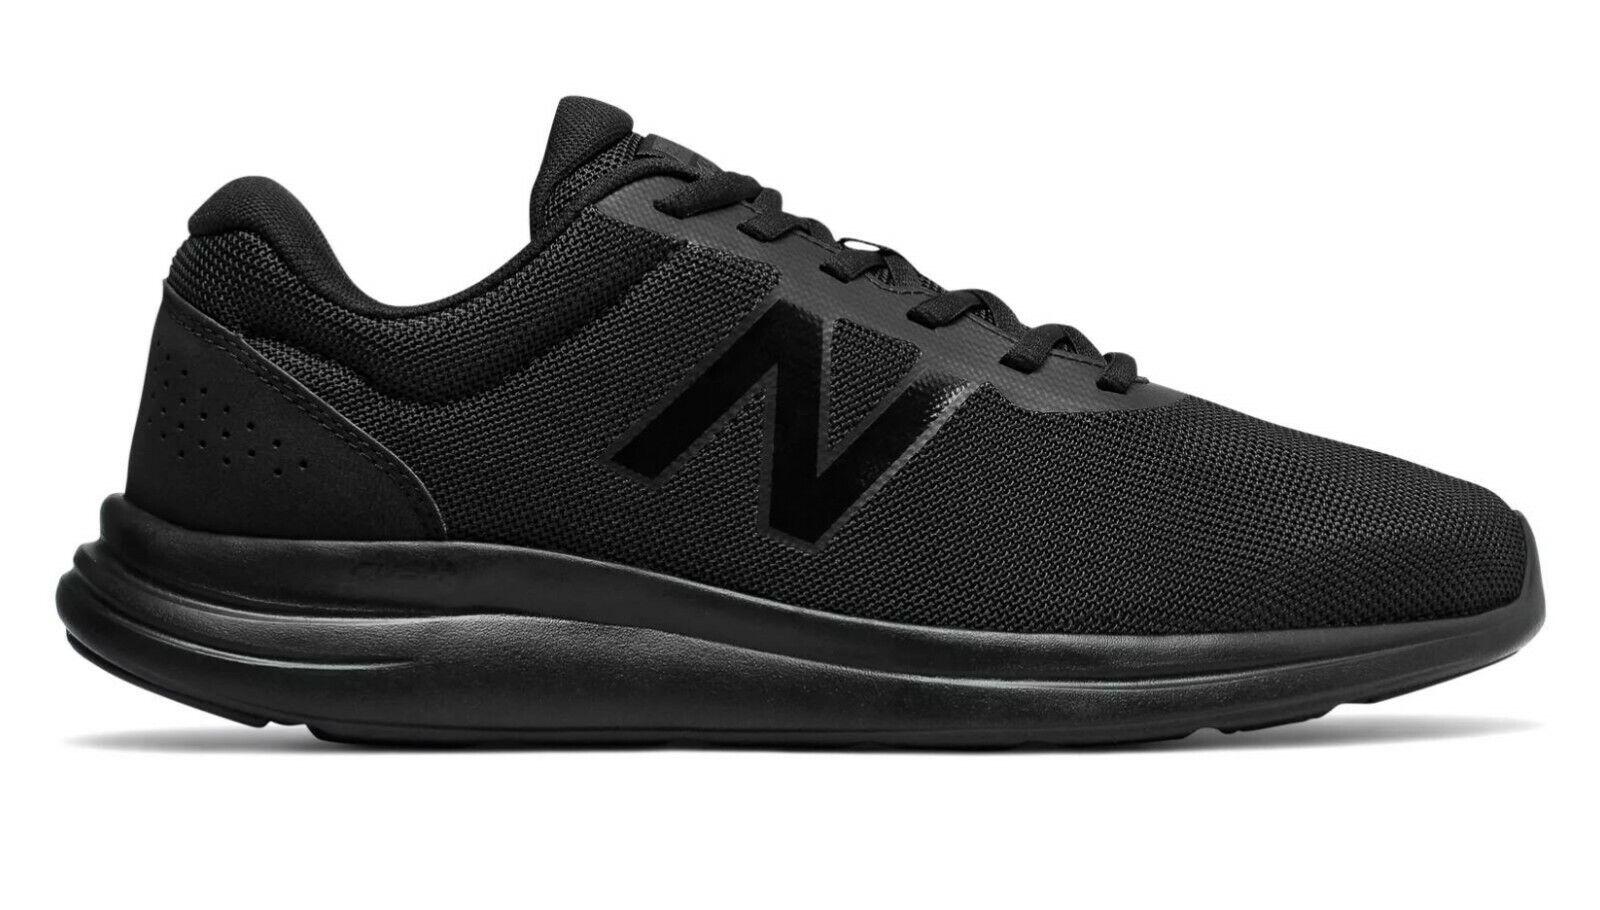 Ulteriore RILASCIO Nuova bilancia 430 Mens  Running scarpe (4E) (ME430A1)  sconto online di vendita